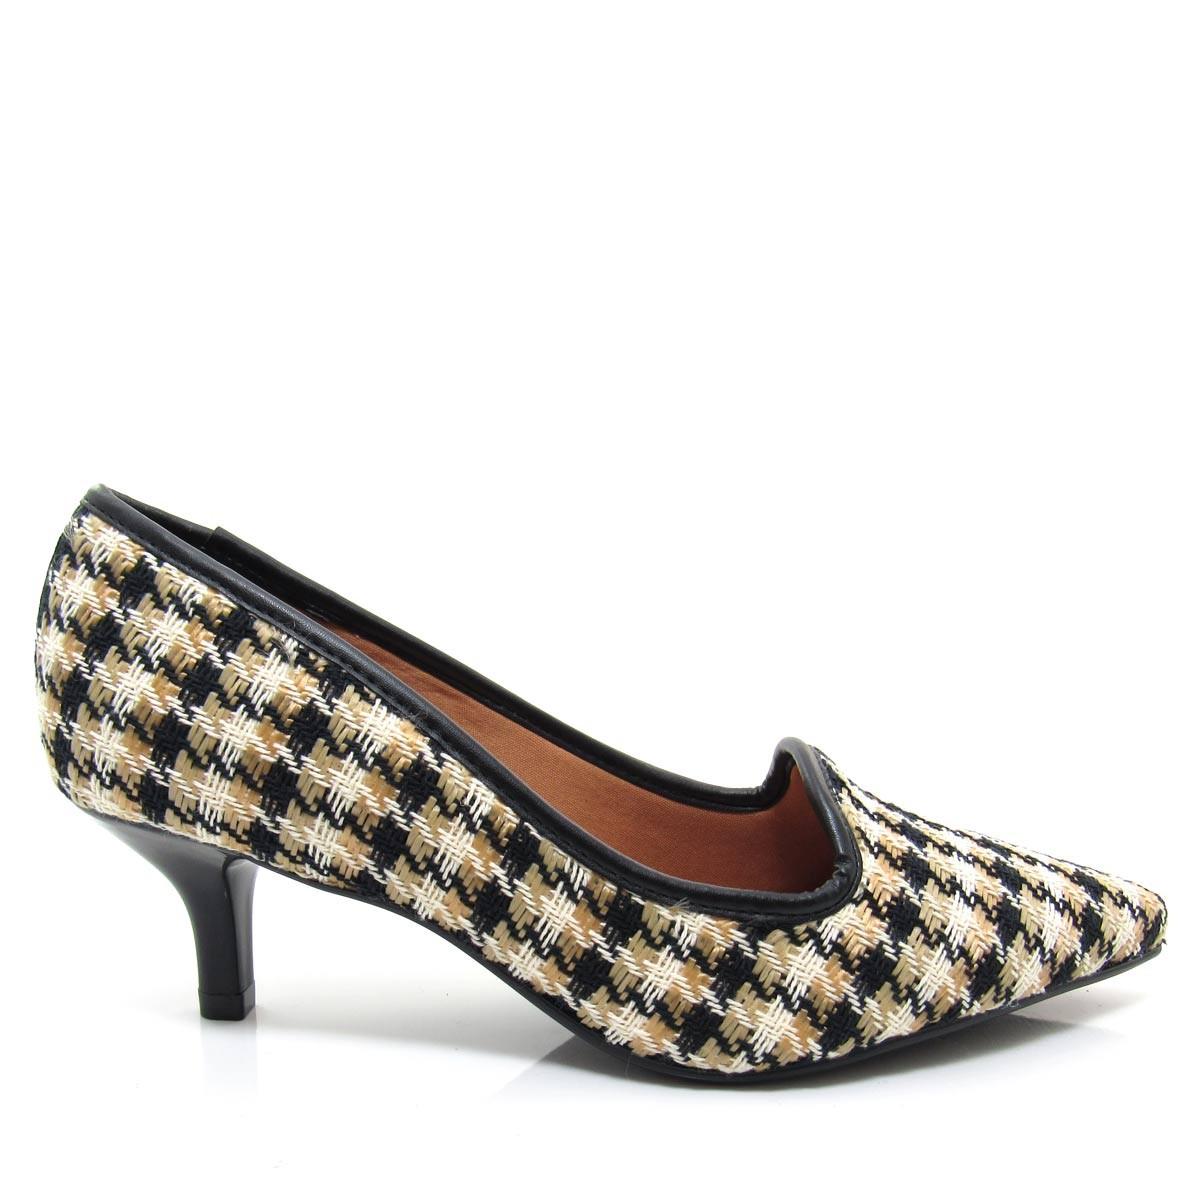 65c325ac3c Sapato Scarpin Slipper Feminino Vizzano Bico fino 1122600 Salto Baixo  Coleção 2018